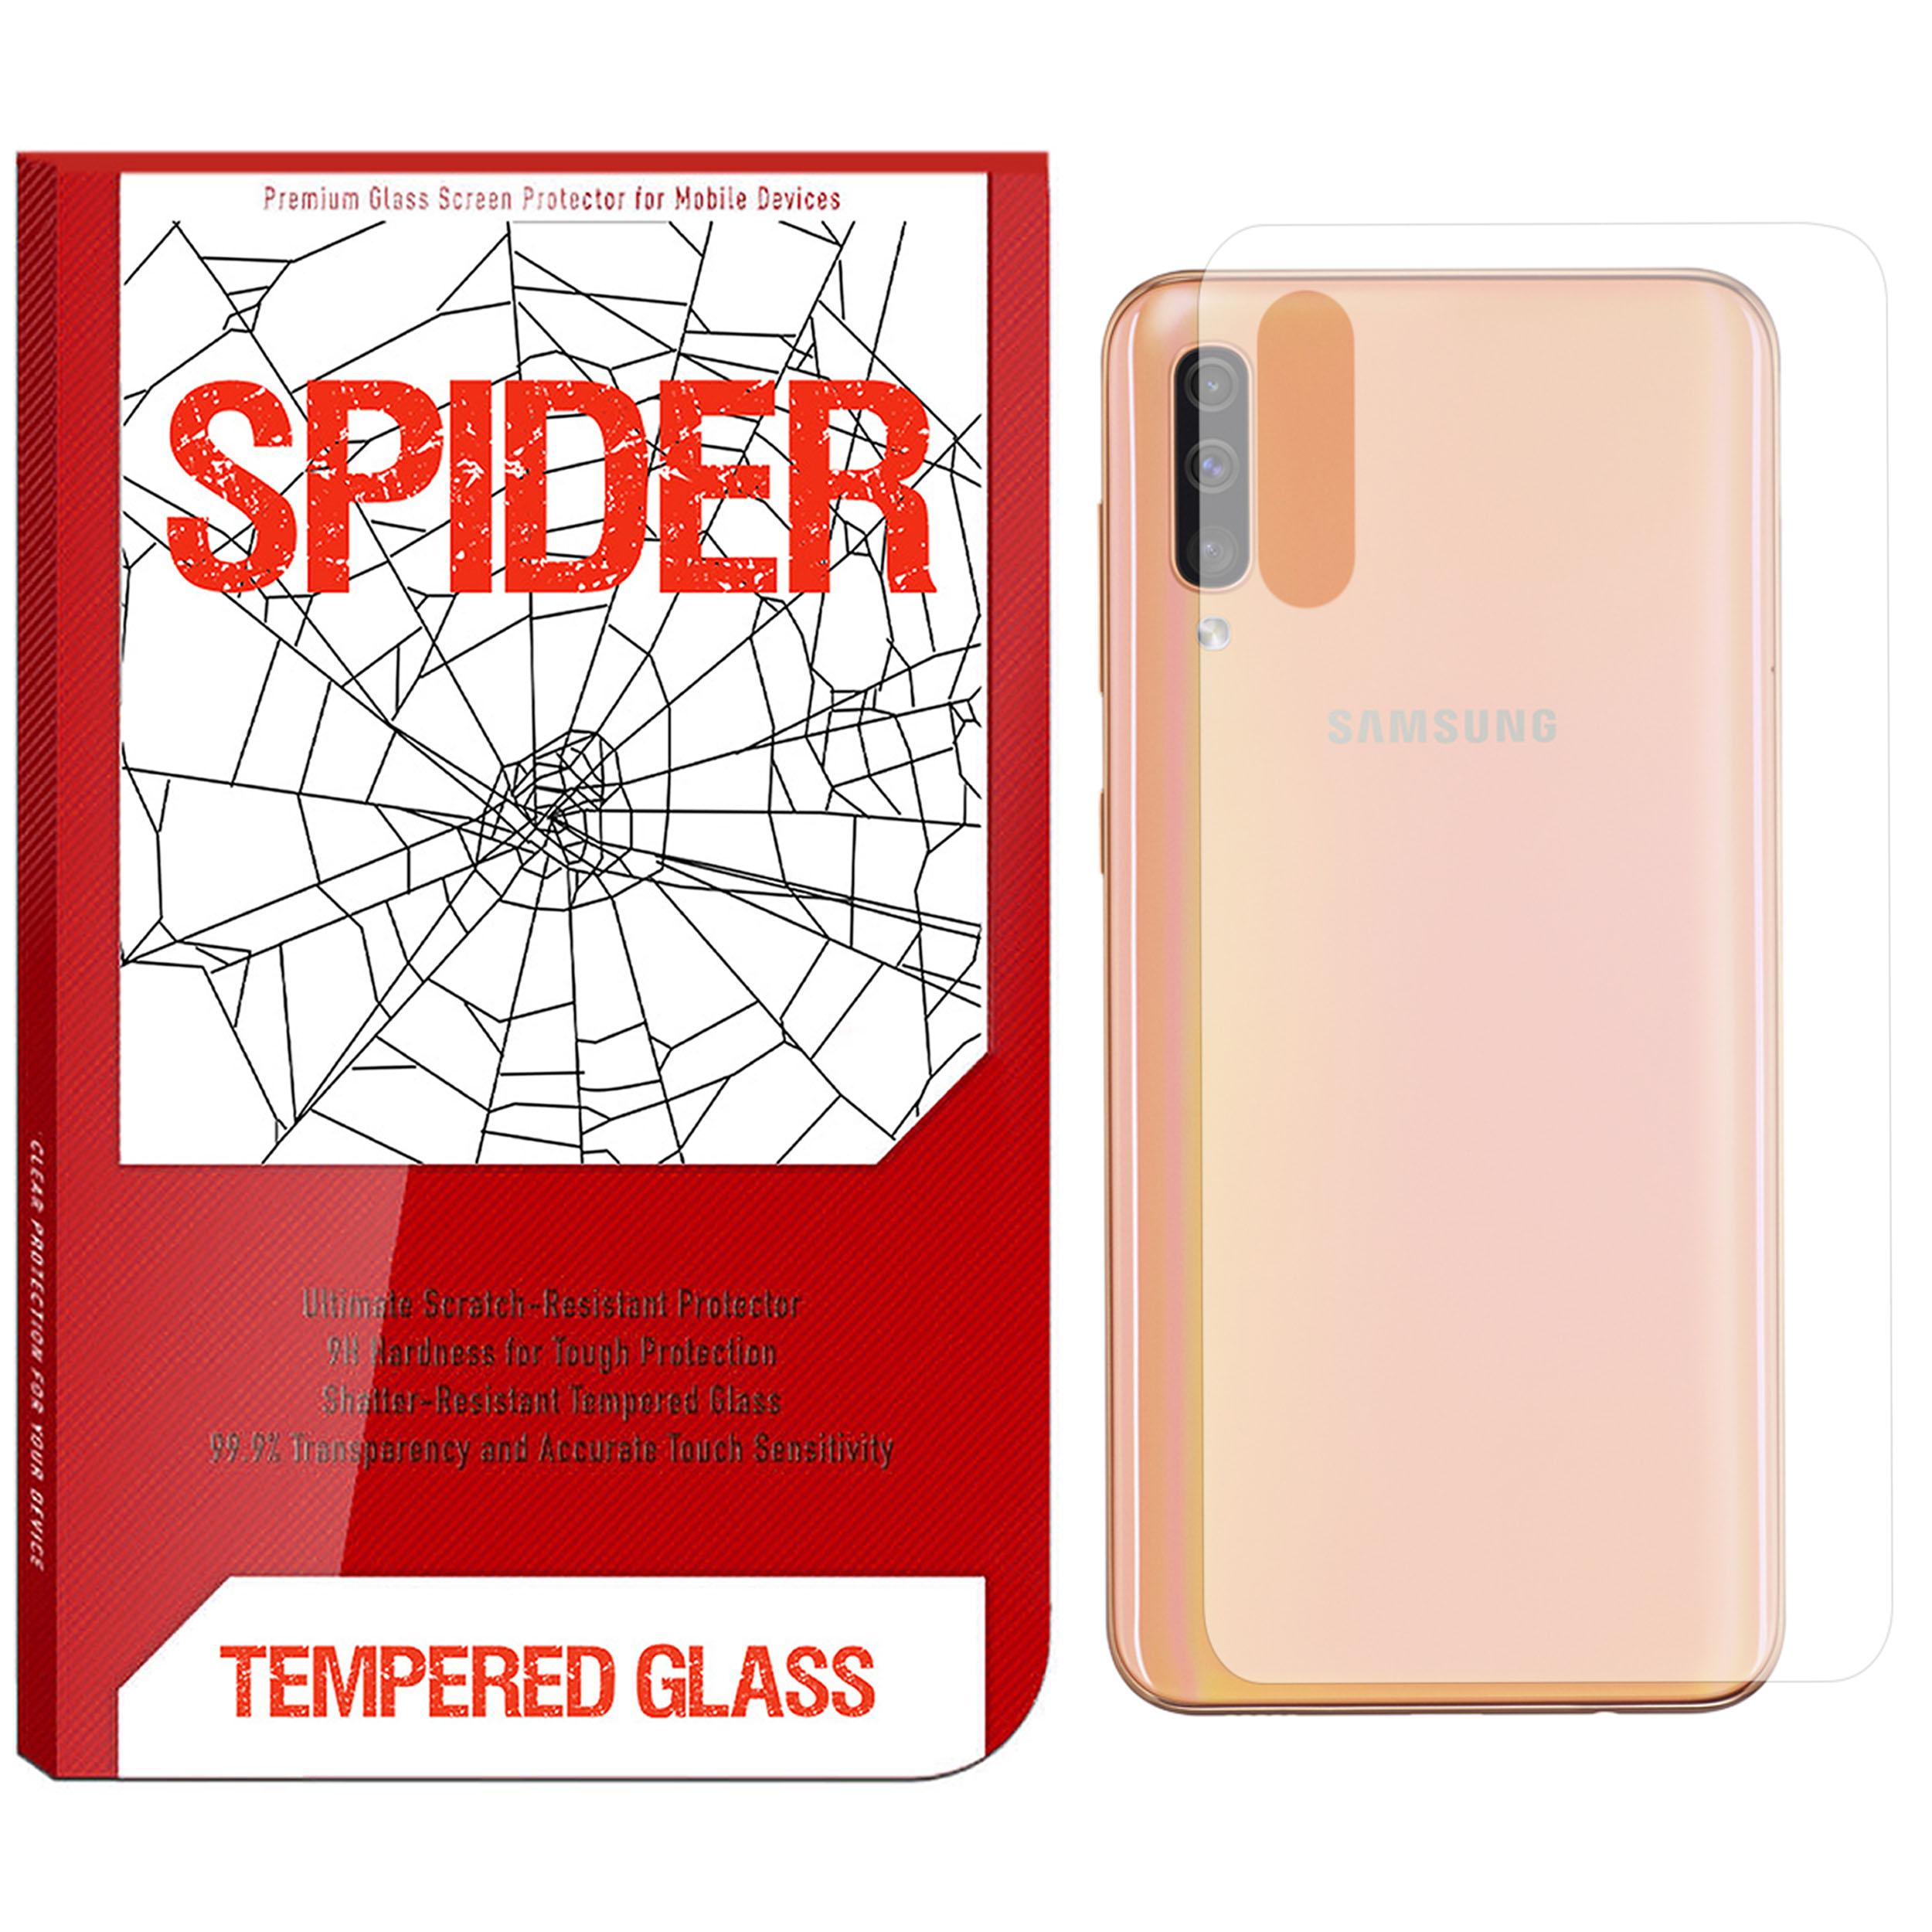 محافظ پشت گوشی اسپایدر مدل TPS-01 مناسب برای گوشی موبایل سامسونگ Galaxy A50